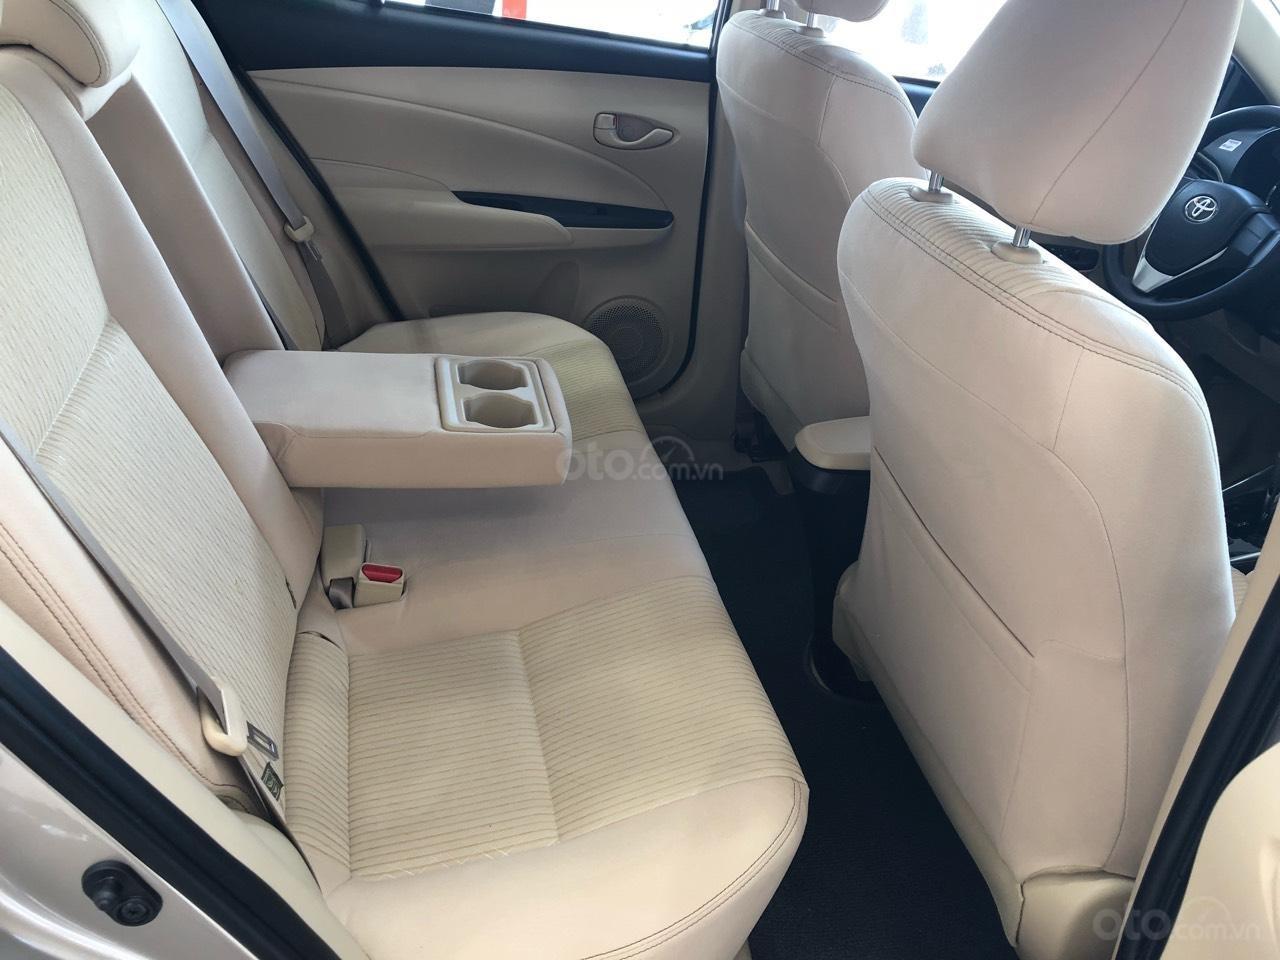 Bán ô tô Toyota Vios1.5E CVT sản xuất 2020 - tặng BHVC thân xe (4)